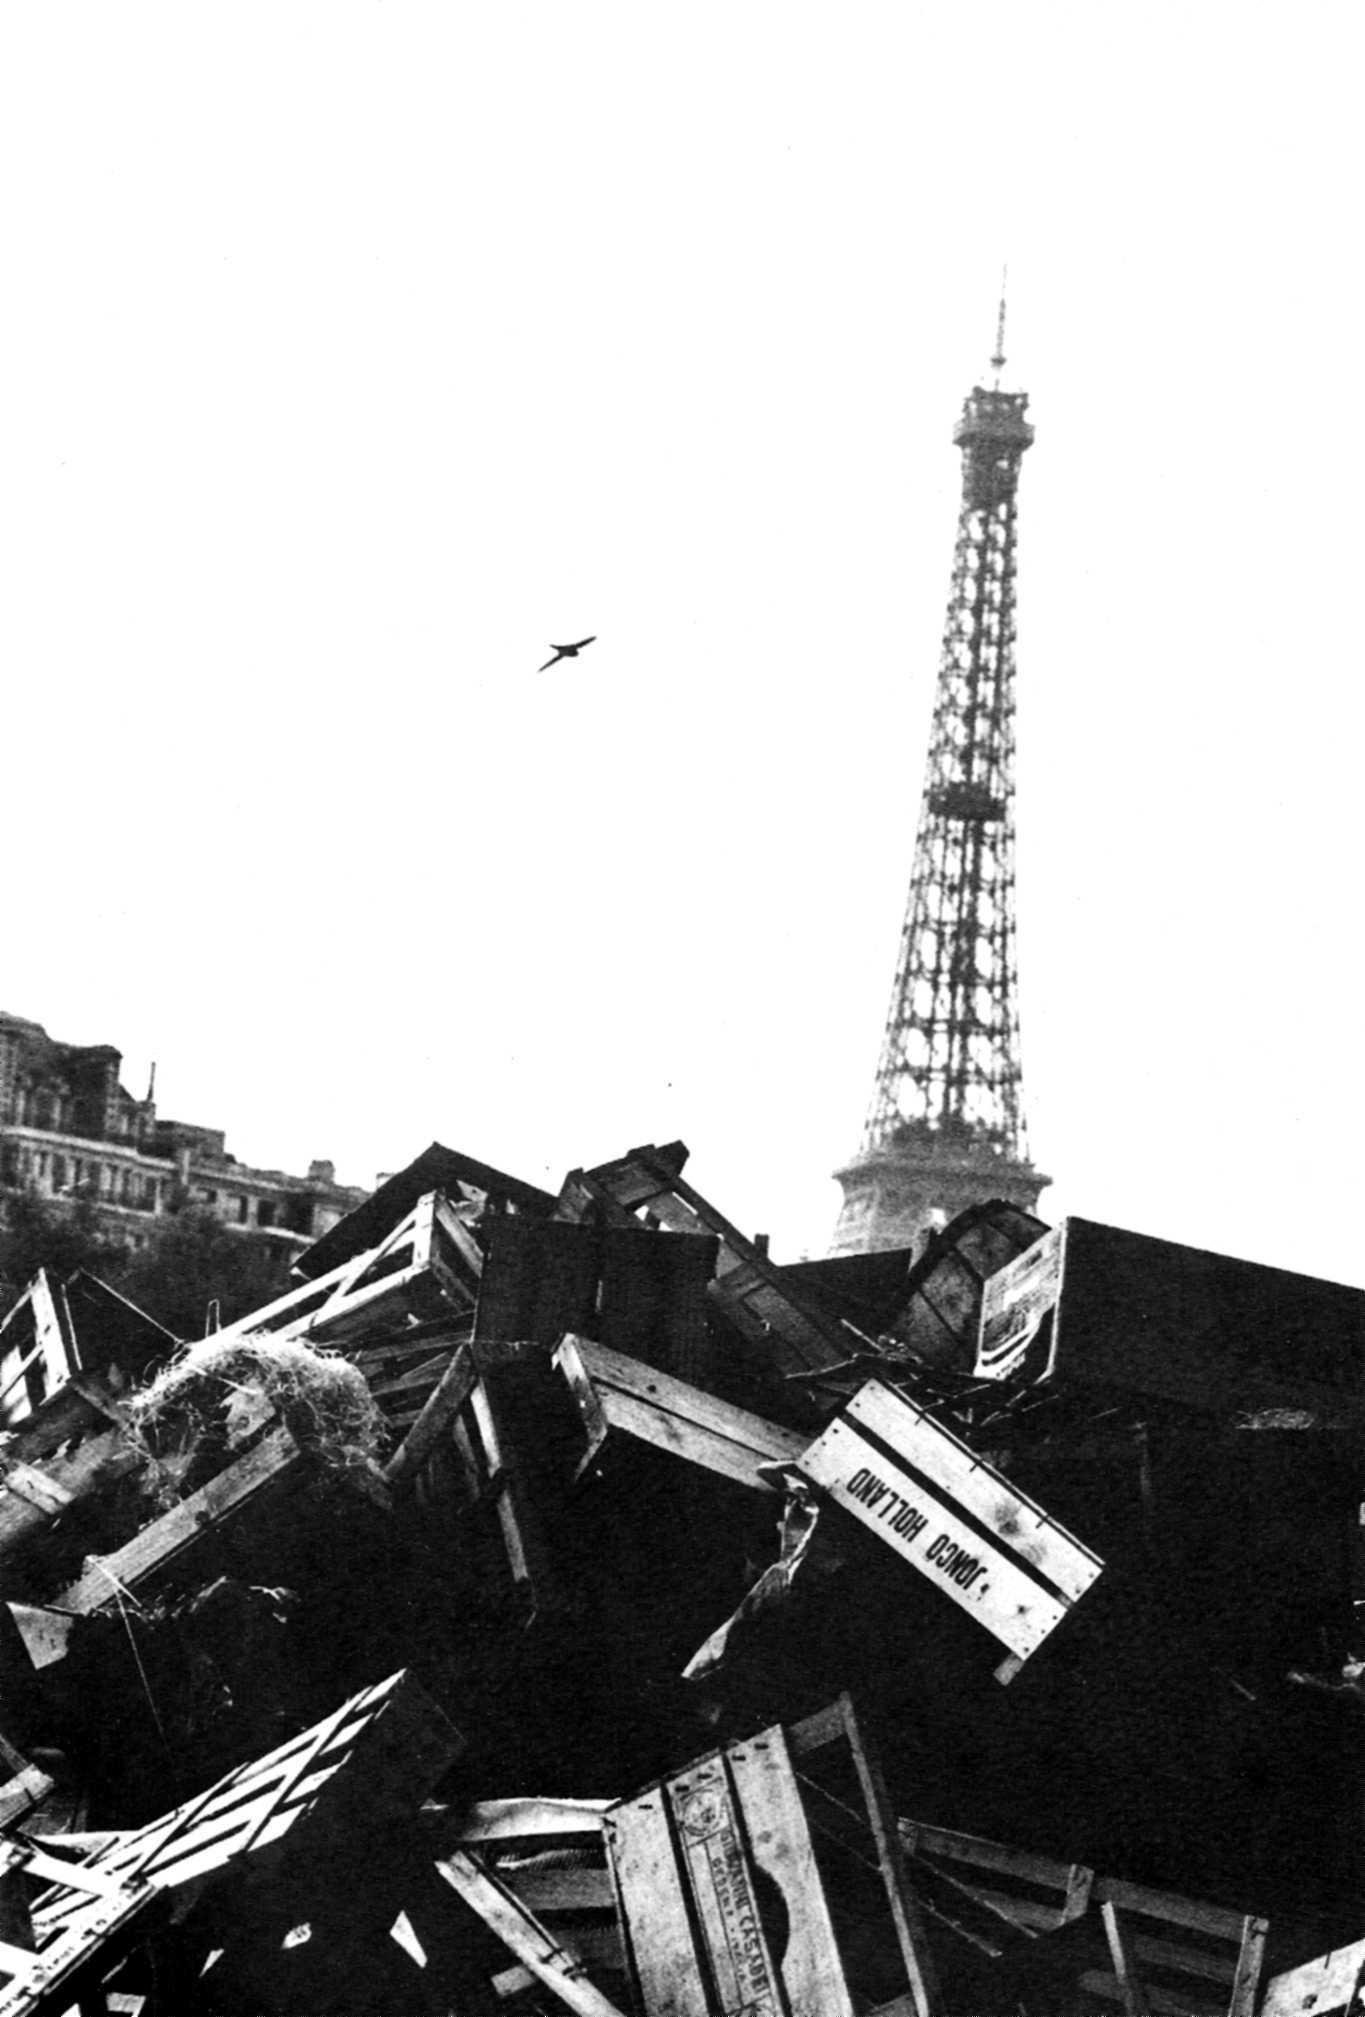 París és ple de brutícia